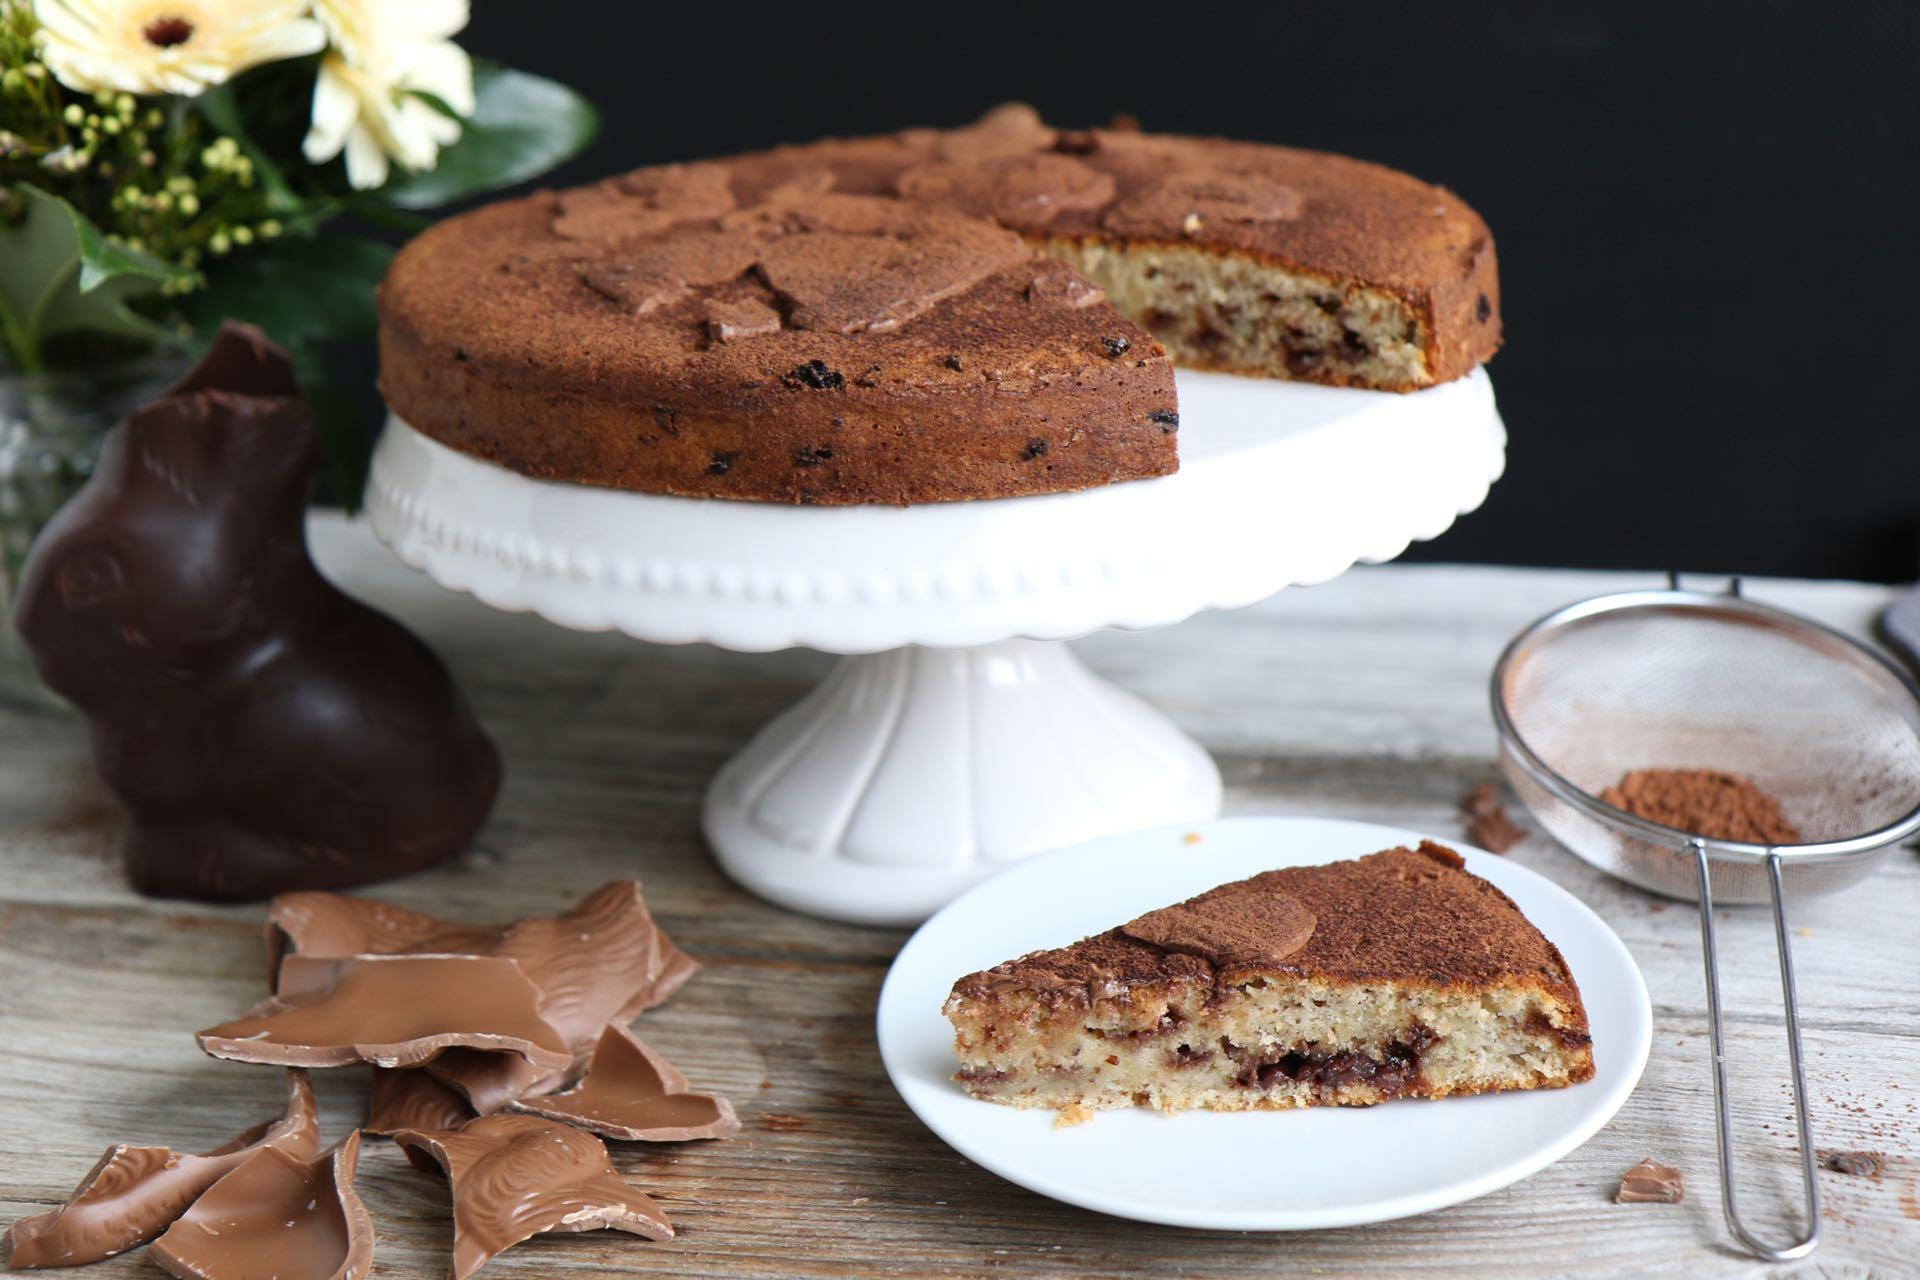 saftiger schoko nuss kuchen mit osterhasen schokolade mrs flury gesund essen leben. Black Bedroom Furniture Sets. Home Design Ideas